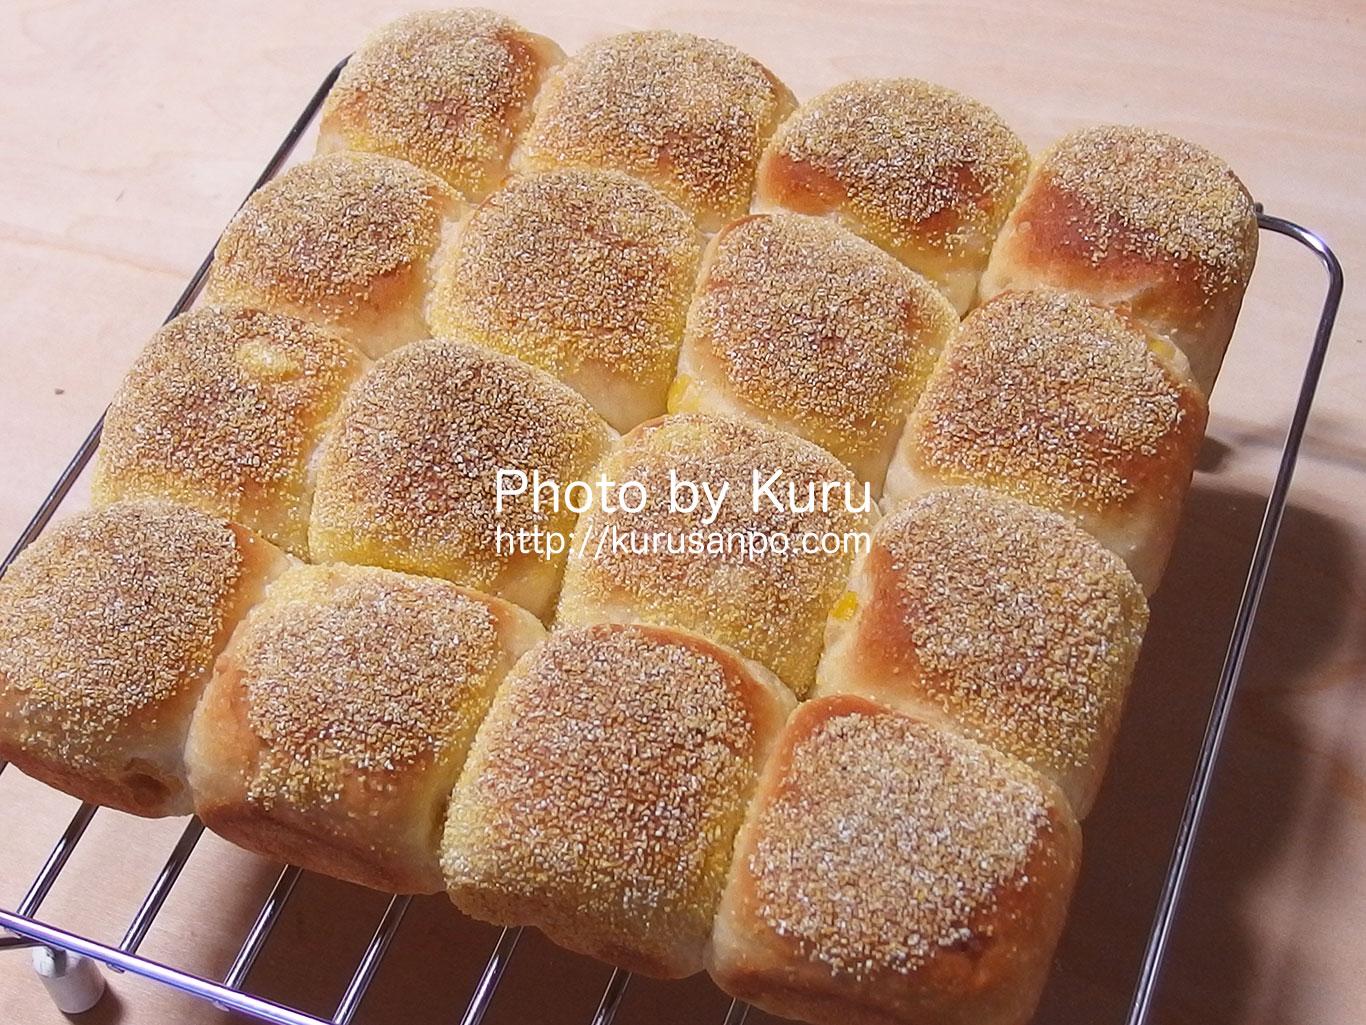 『パン型付き!日本一簡単に家で焼けるパンレシピ』のコーンパンのちょっとしたアレンジ♪